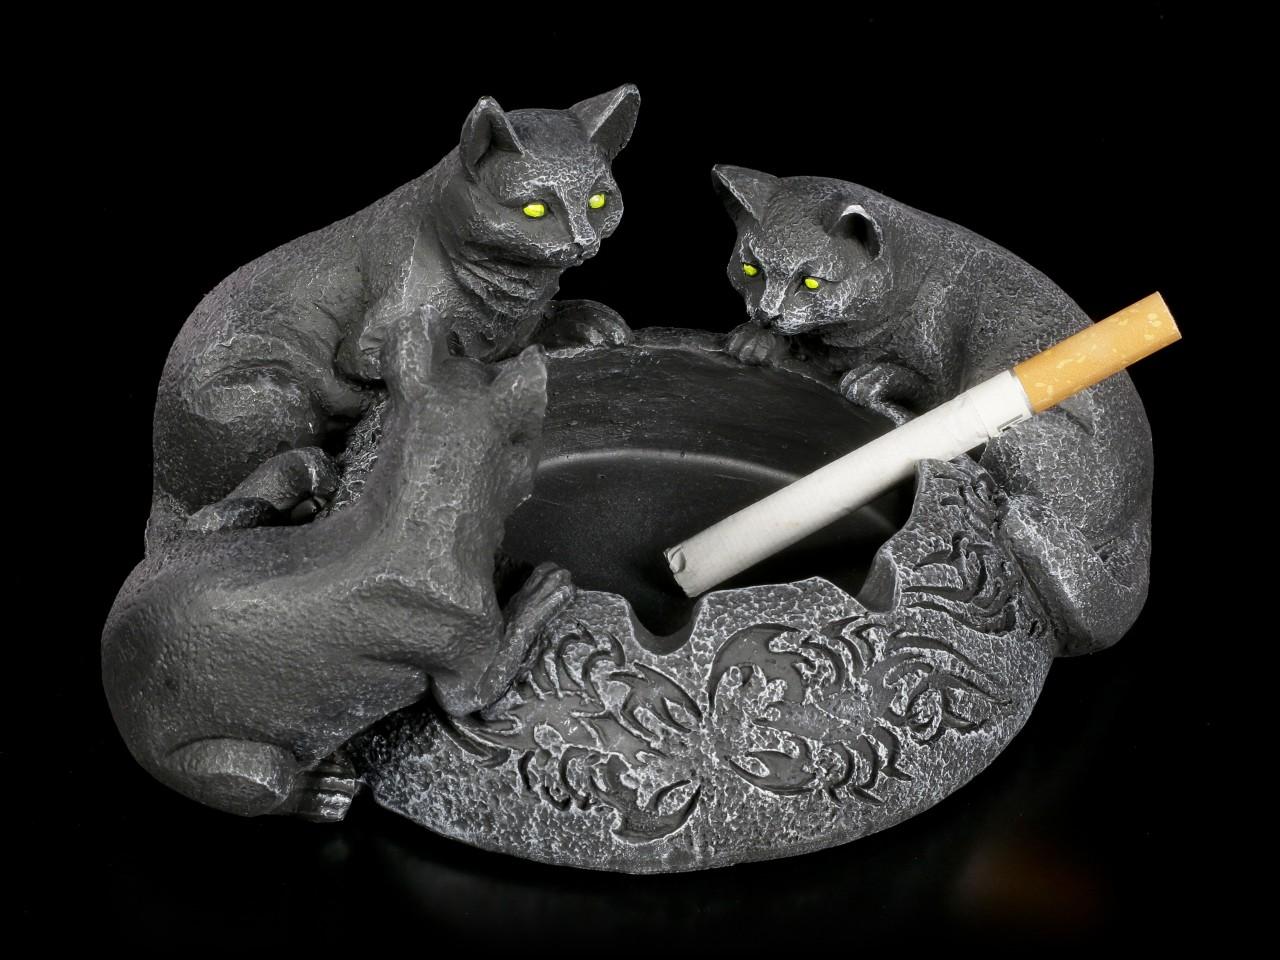 Ashtray - Three black Cats